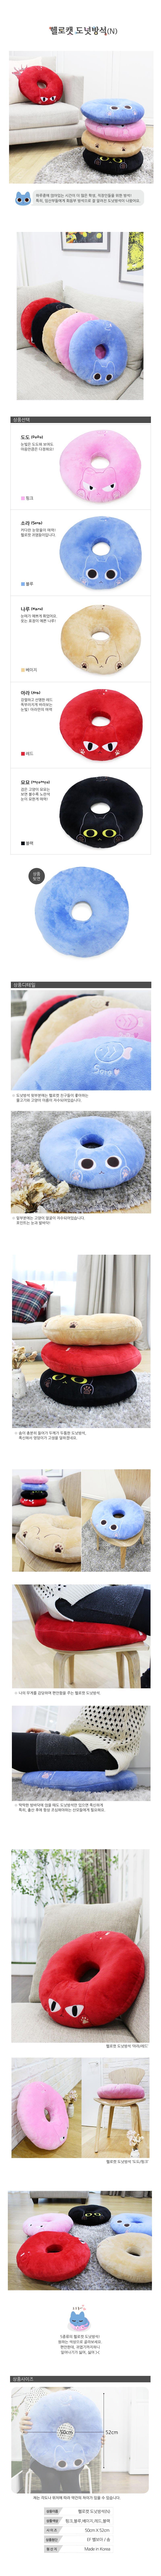 애니나라 헬로캣 도넛방석N - 애니나라, 15,200원, 방석, 캐릭터